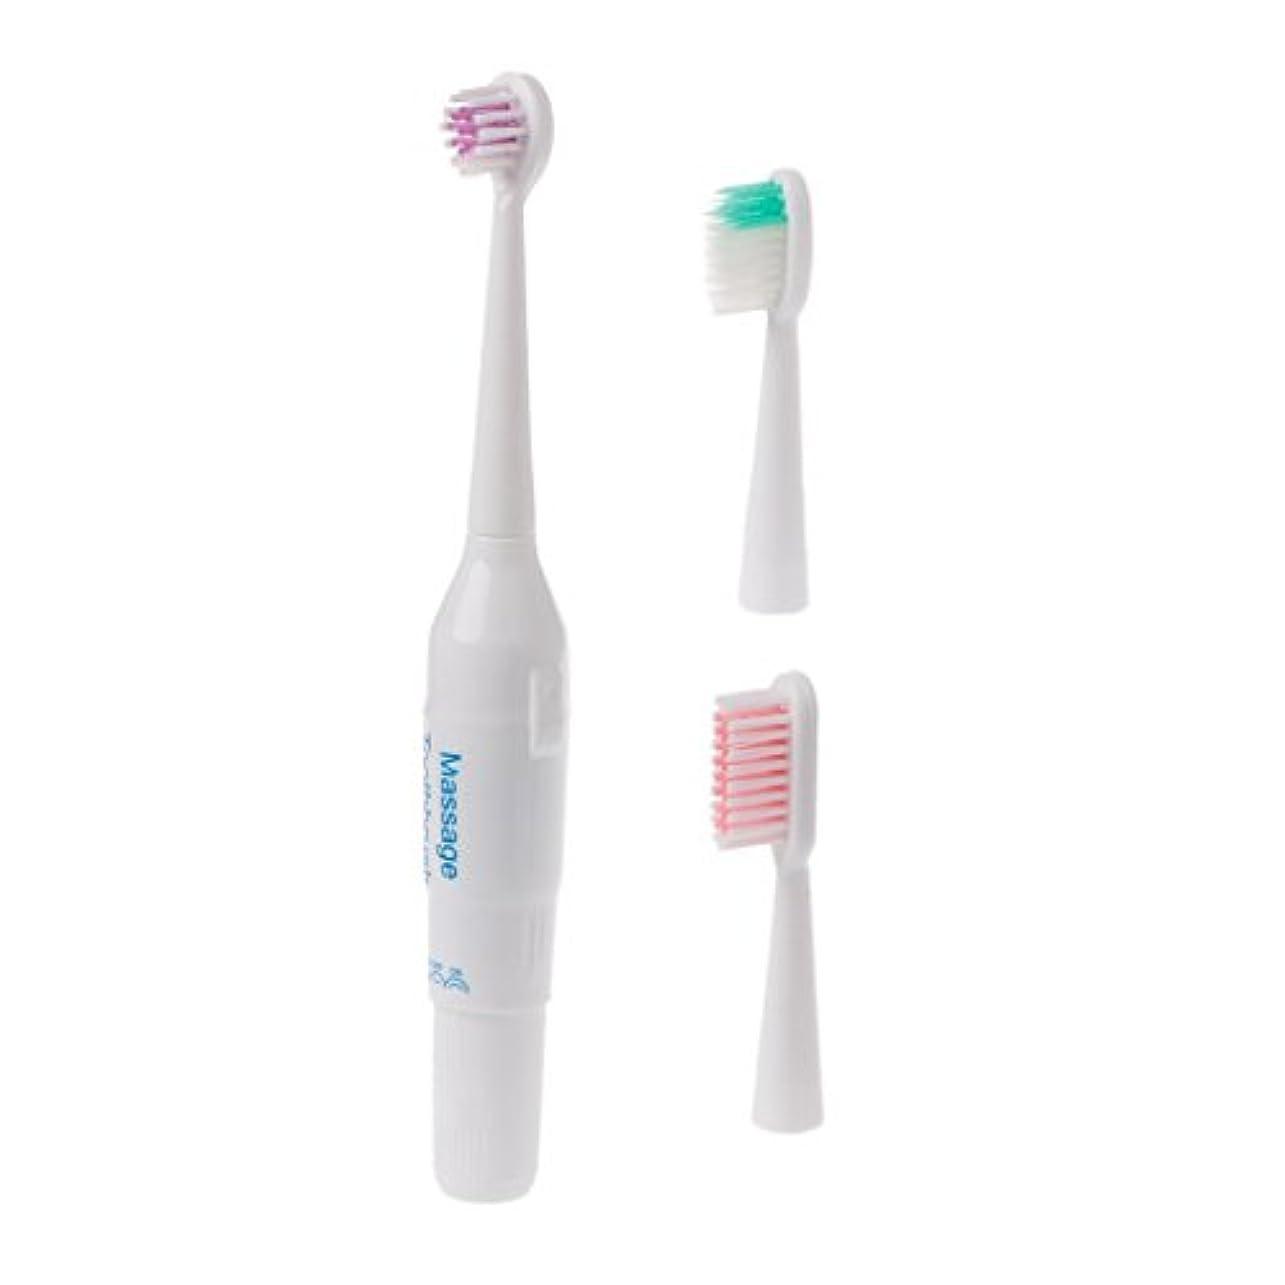 間違っているドール遅いManyao キッズプロフェッショナル口腔ケアクリーン電気歯ブラシパワーベビー用歯ブラシ